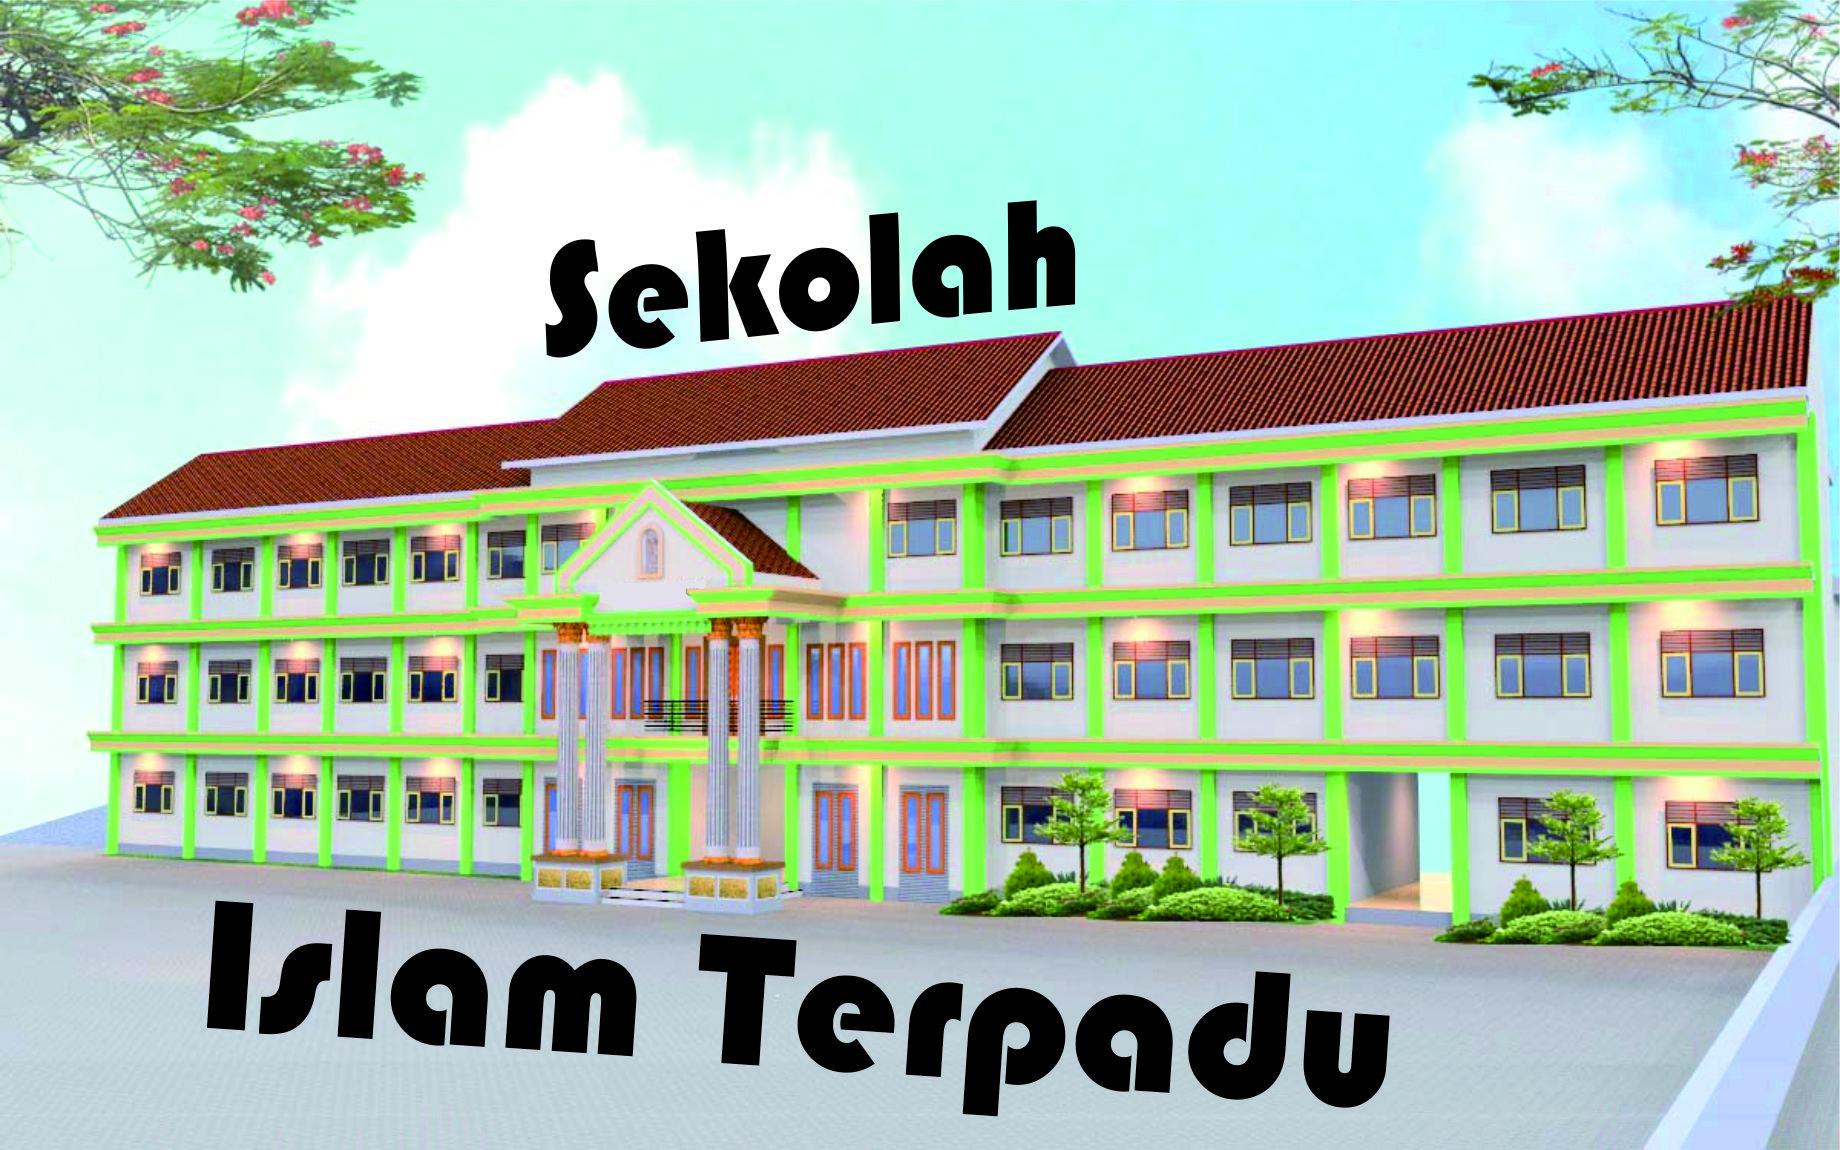 Sekolah Islam Terpadu